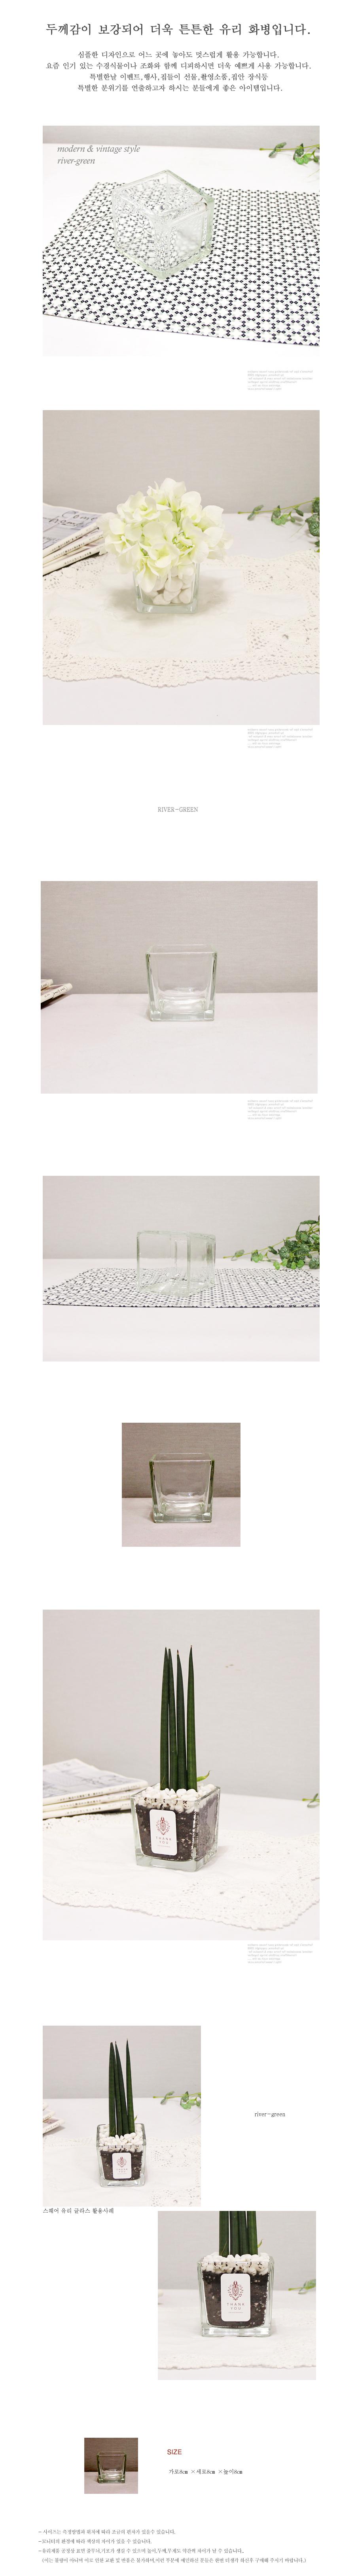 스퀘어 유리화병-8x8x8 - 리버그린, 3,000원, 화병/수반, 유리화병